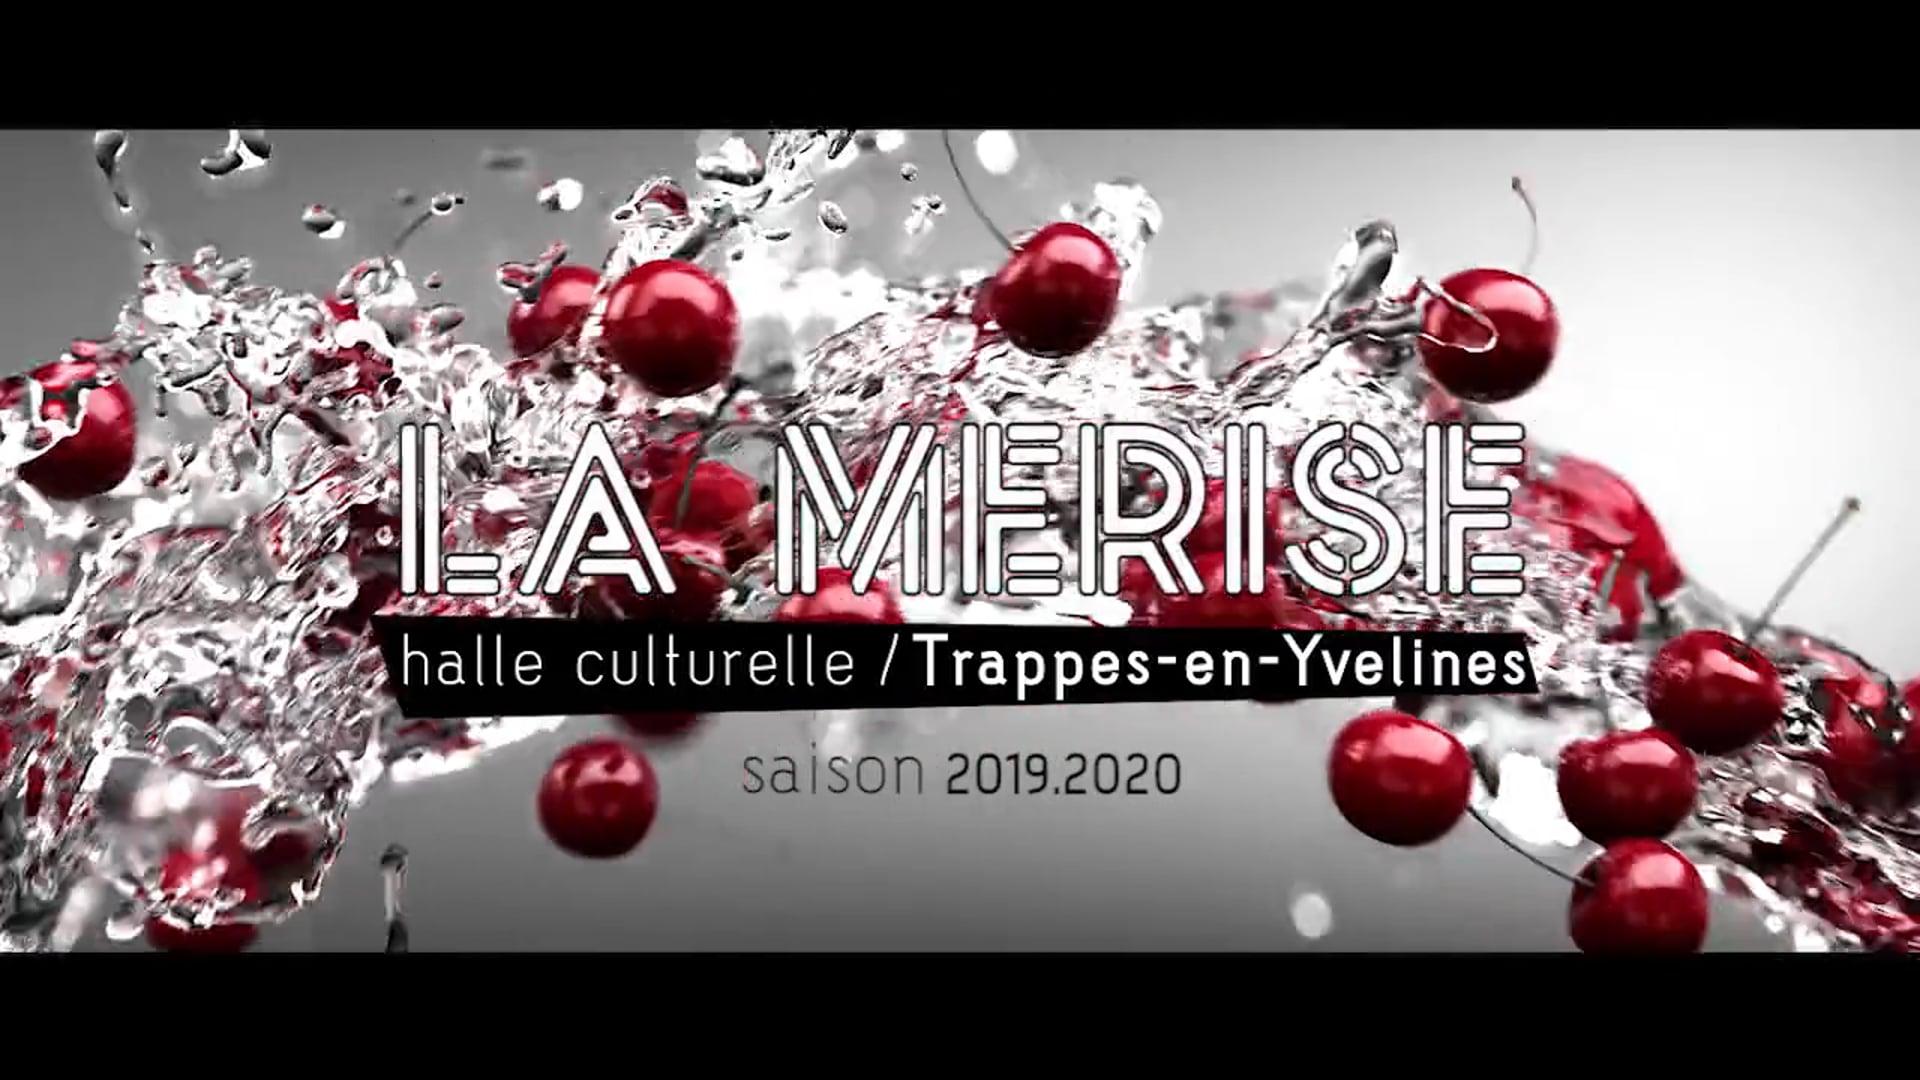 La Merise - Saison Culturelle 2019.2020 - Teaser